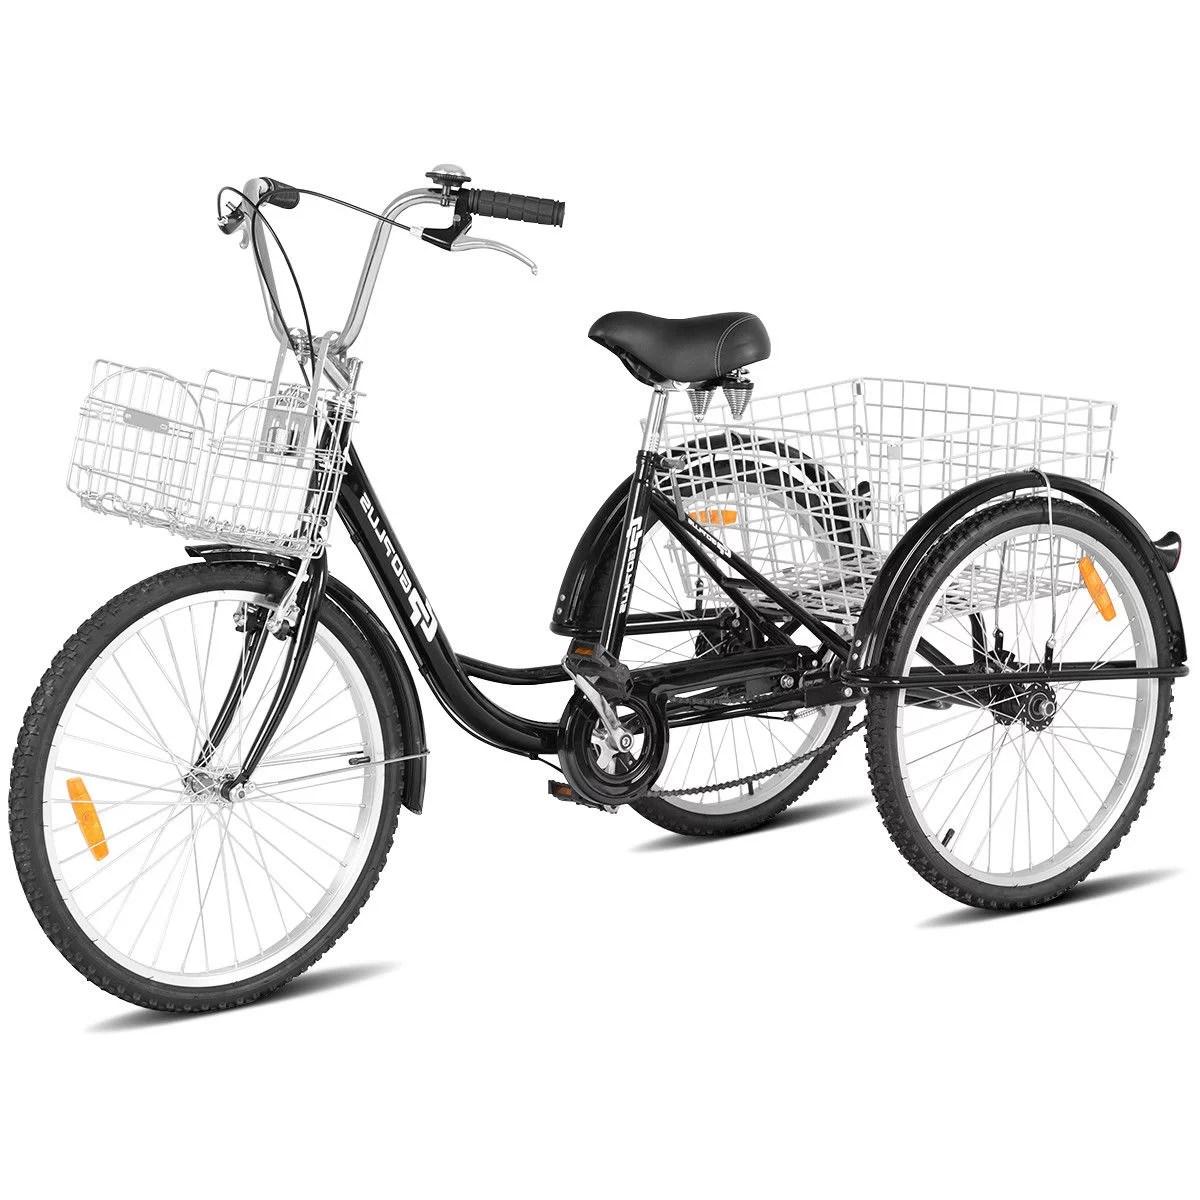 Goplus 24'' Single Speed 3-wheel Bicycle Adult Tricycle